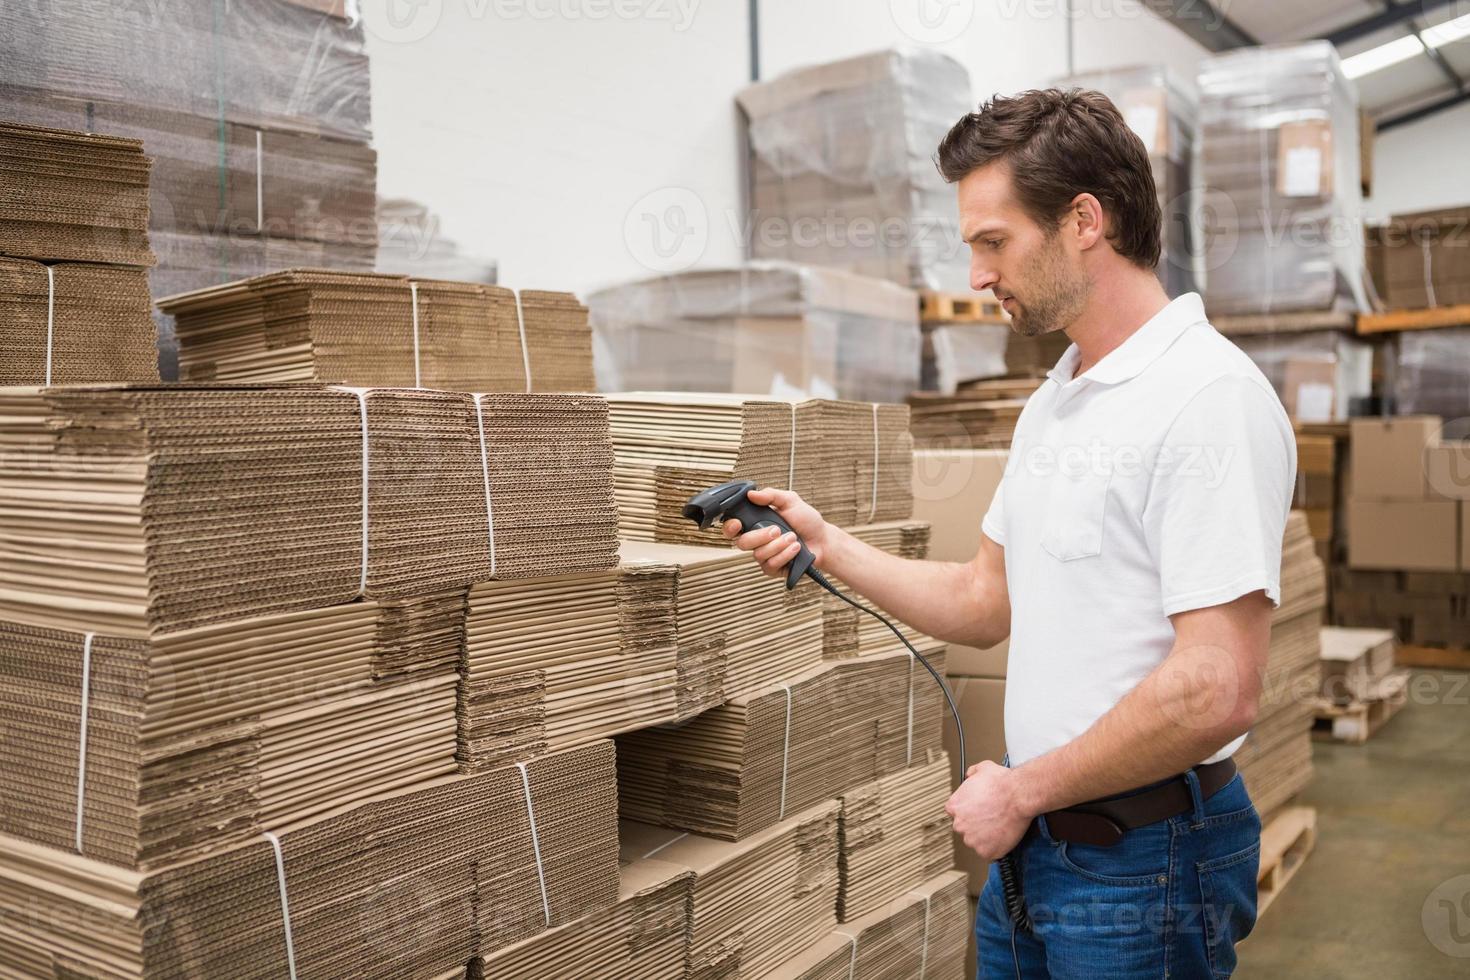 employé d'entrepôt sérieux tenant un scanner photo